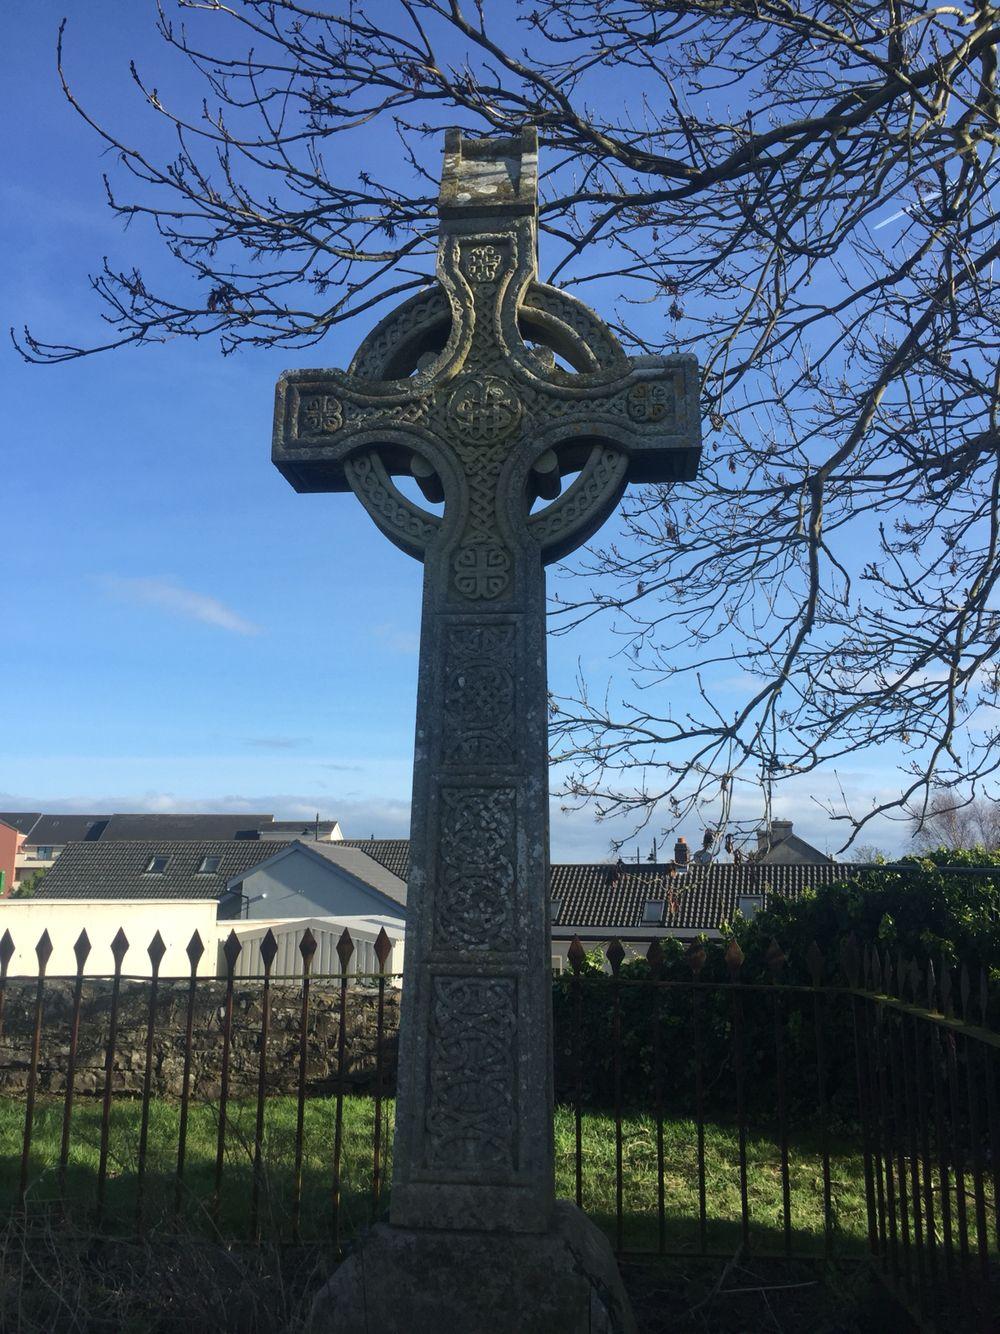 Skank in Lusk Prostitutes Ireland - tonyshirley.co.uk